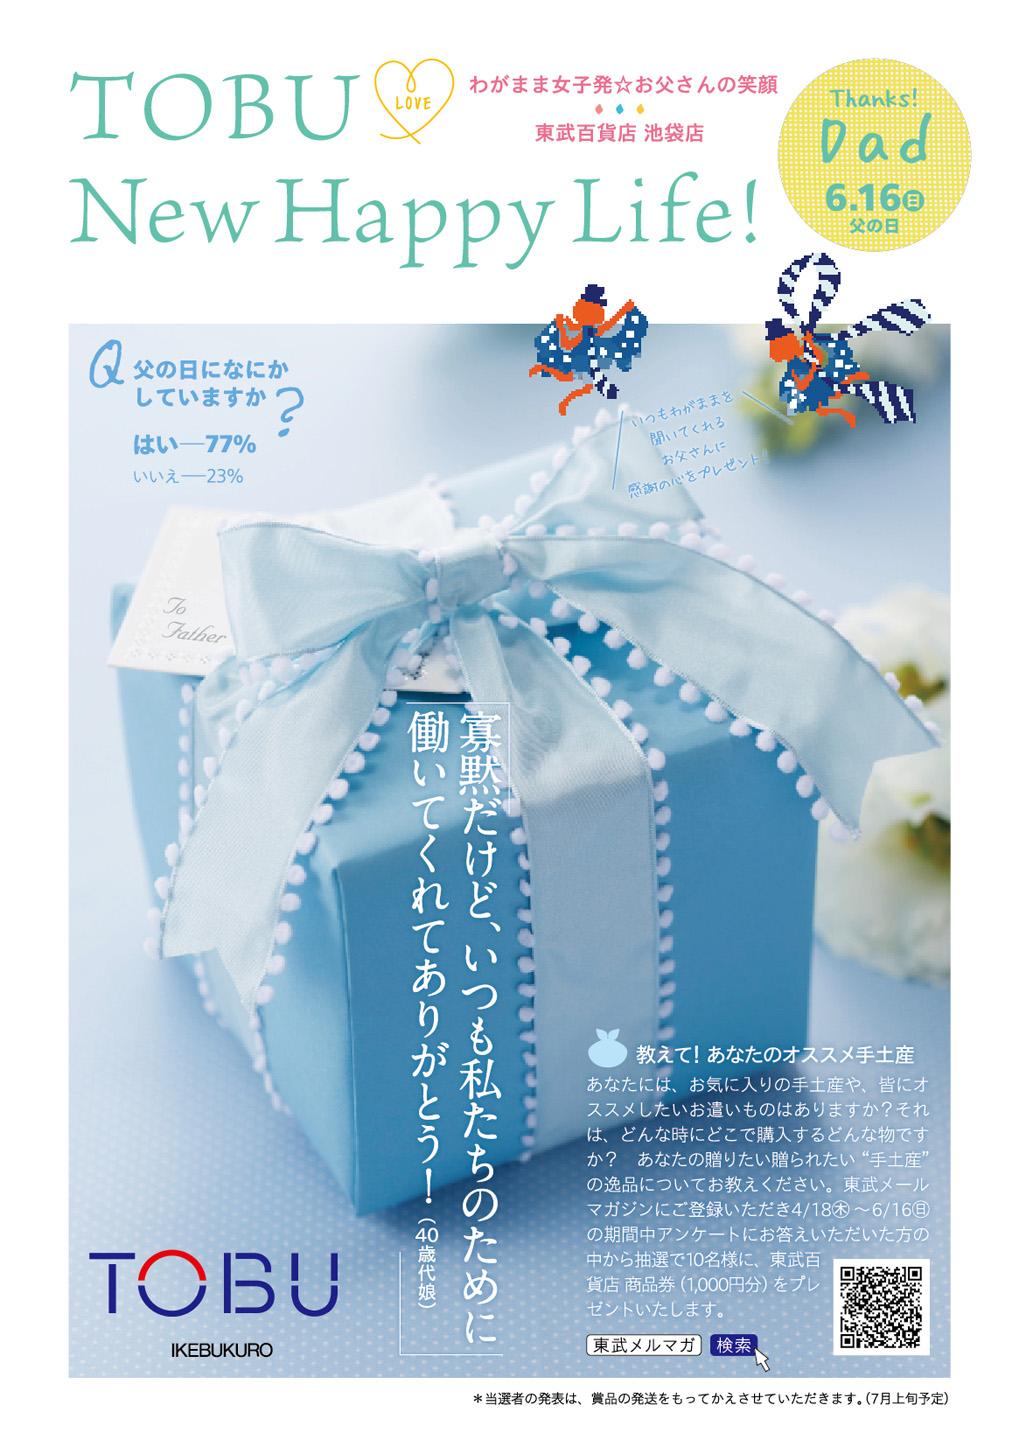 東武百貨店池袋店 フリーペーパー「TOBU New Happy Life!」